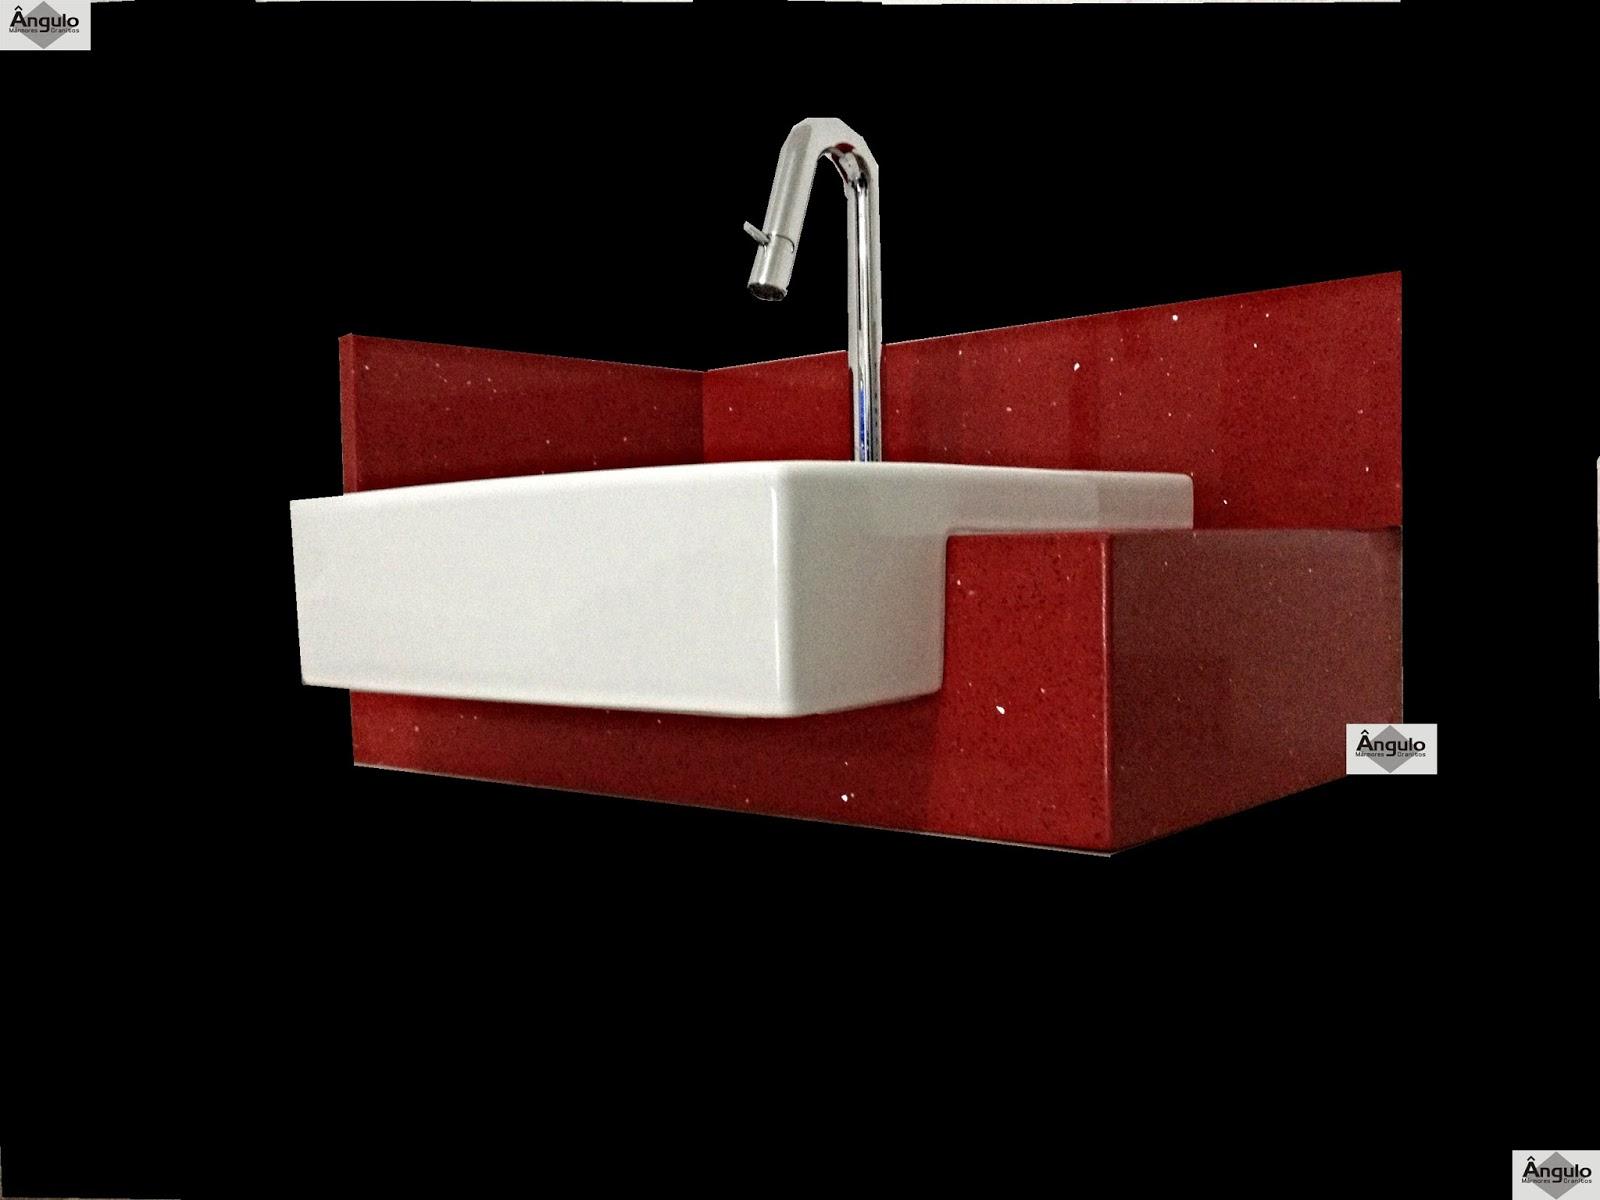 Bancada Banheiro Silestone Vermelho Stellar #030000 1600x1200 Bancada Banheiro Silestone Vermelho